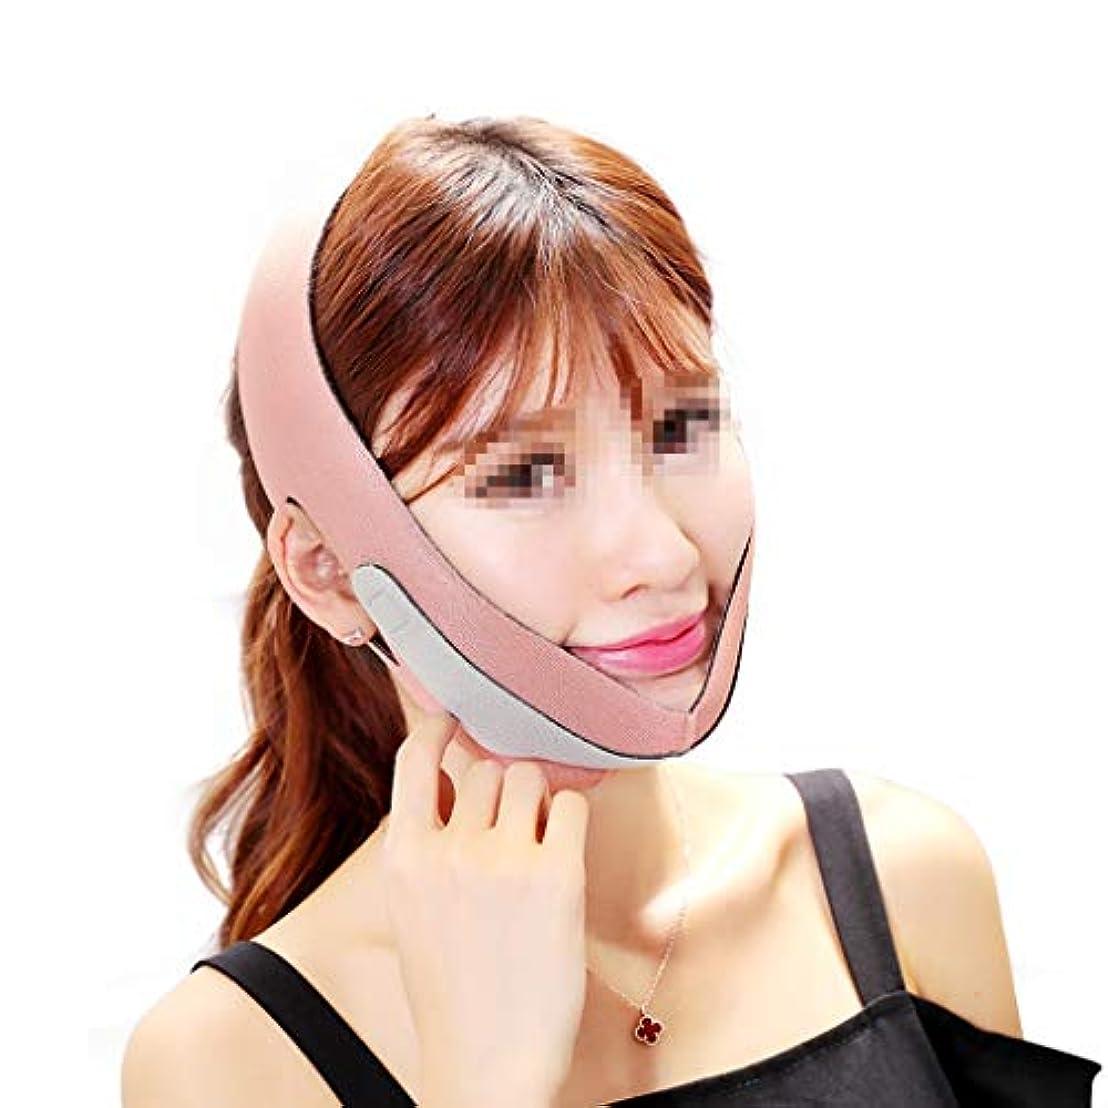 勧告間書き込みフェイスリフトマスク、小さなVフェイス睡眠包帯マスクシンダブルチンリフト引き締め肌